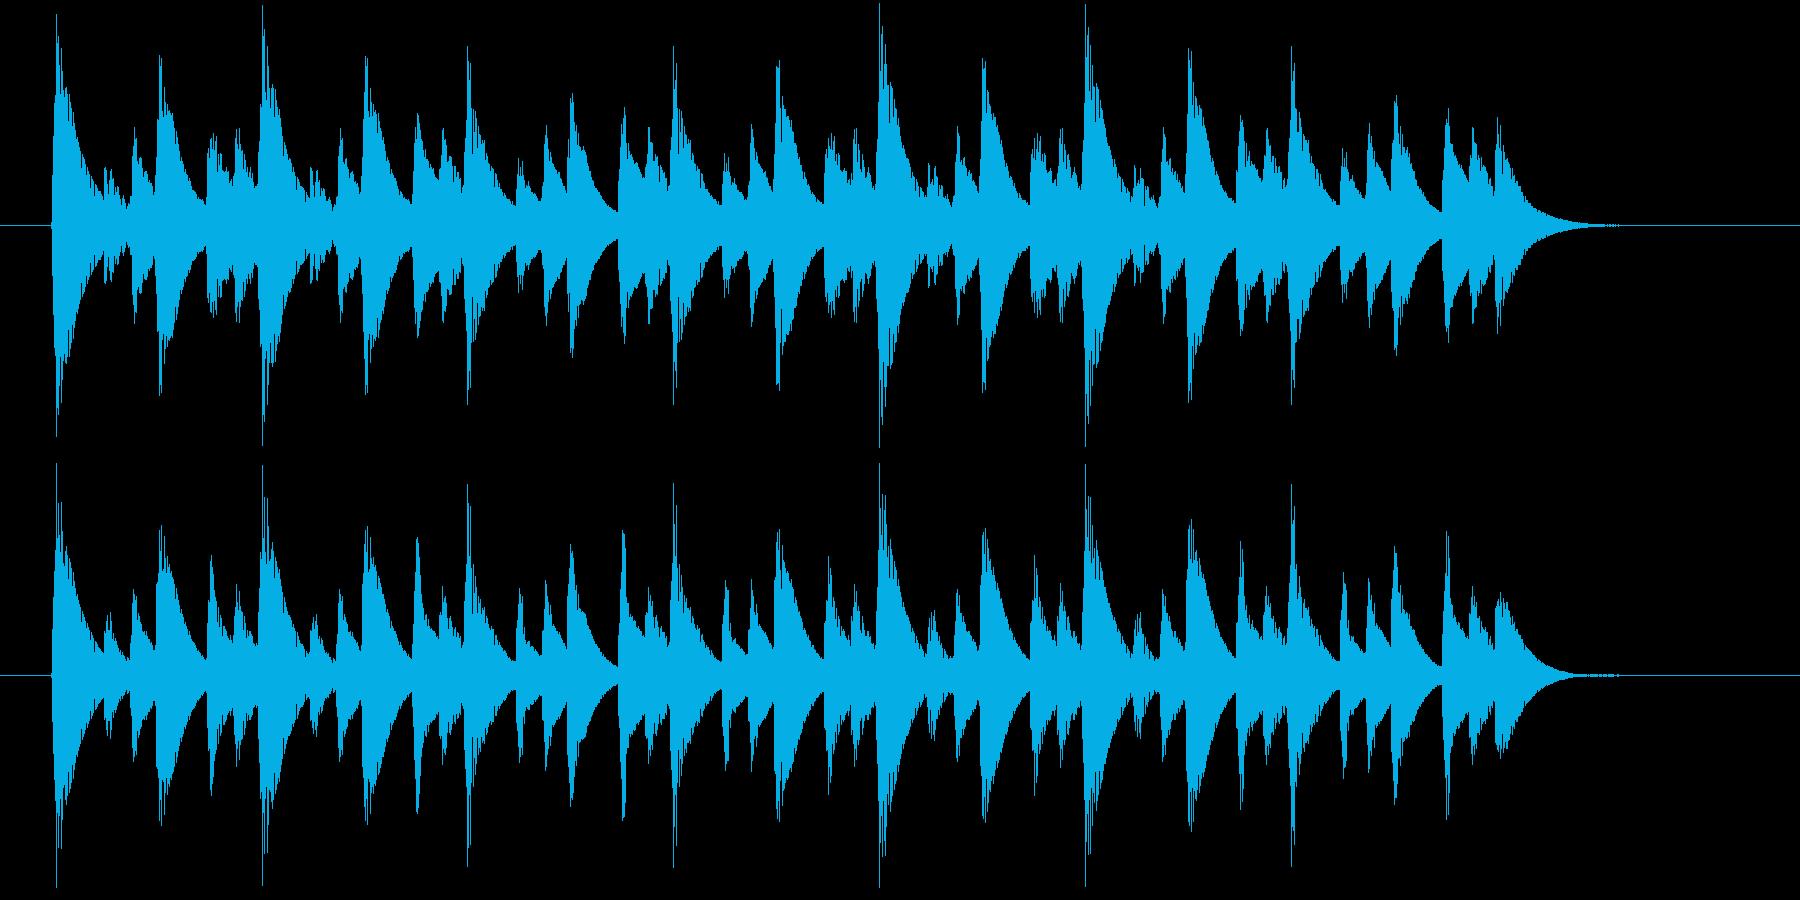 ほのぼのとした場面に使えるジングルの再生済みの波形